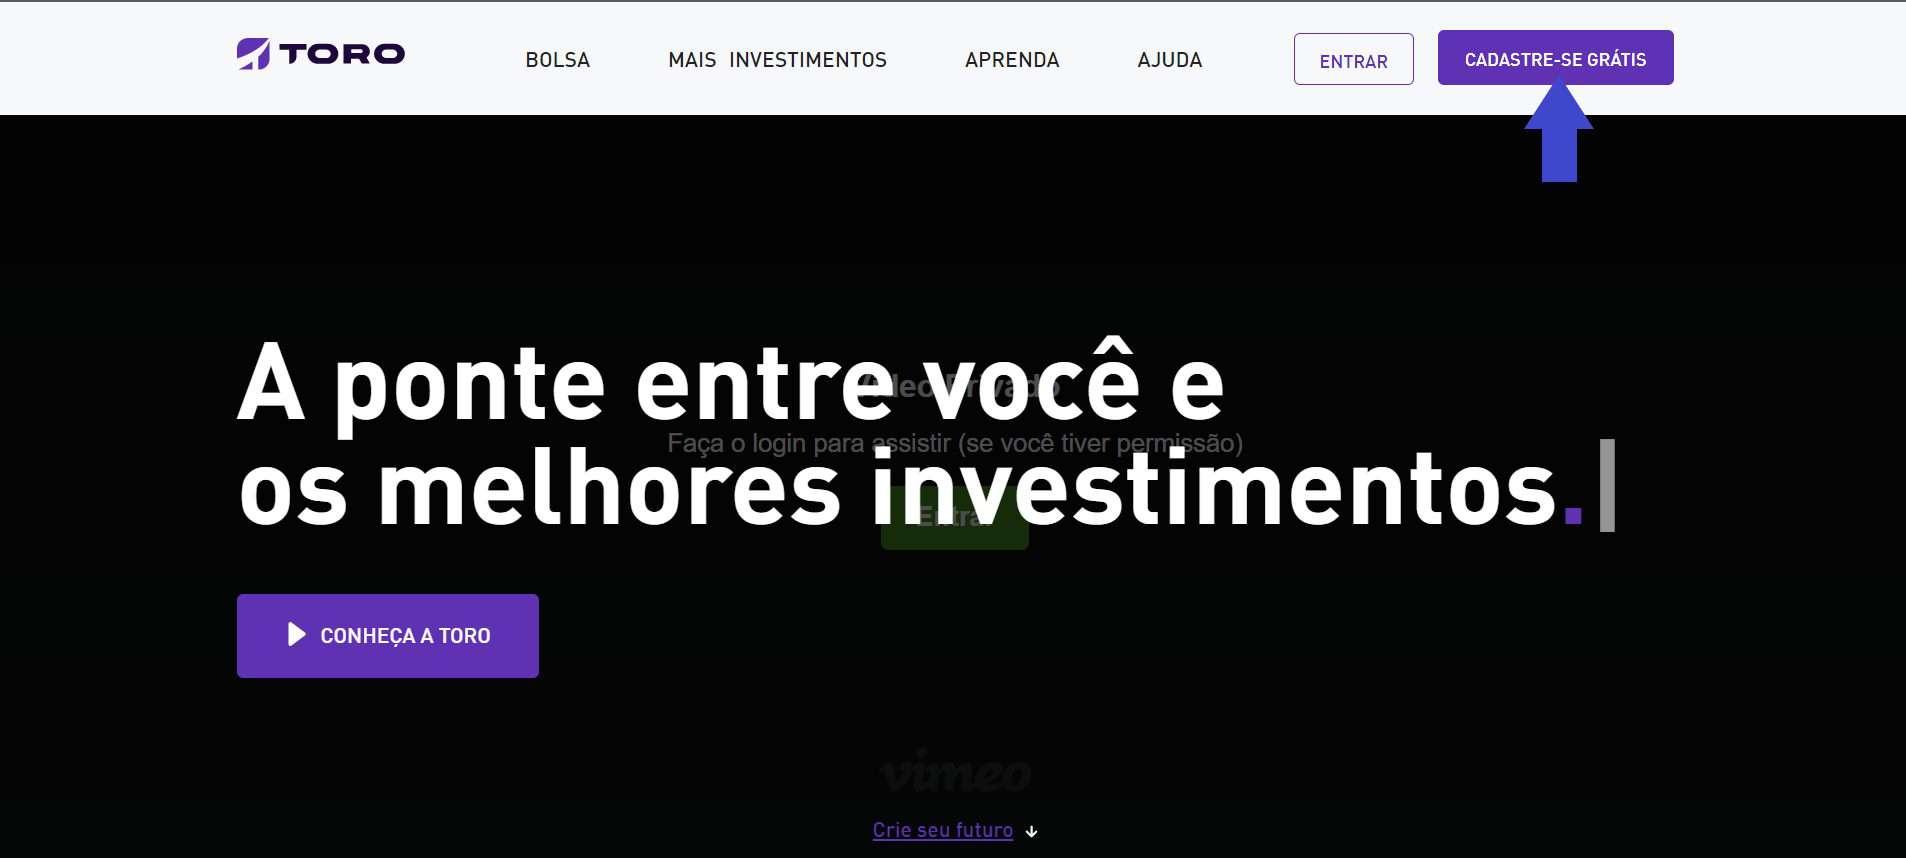 captura de tela da toro investimentos